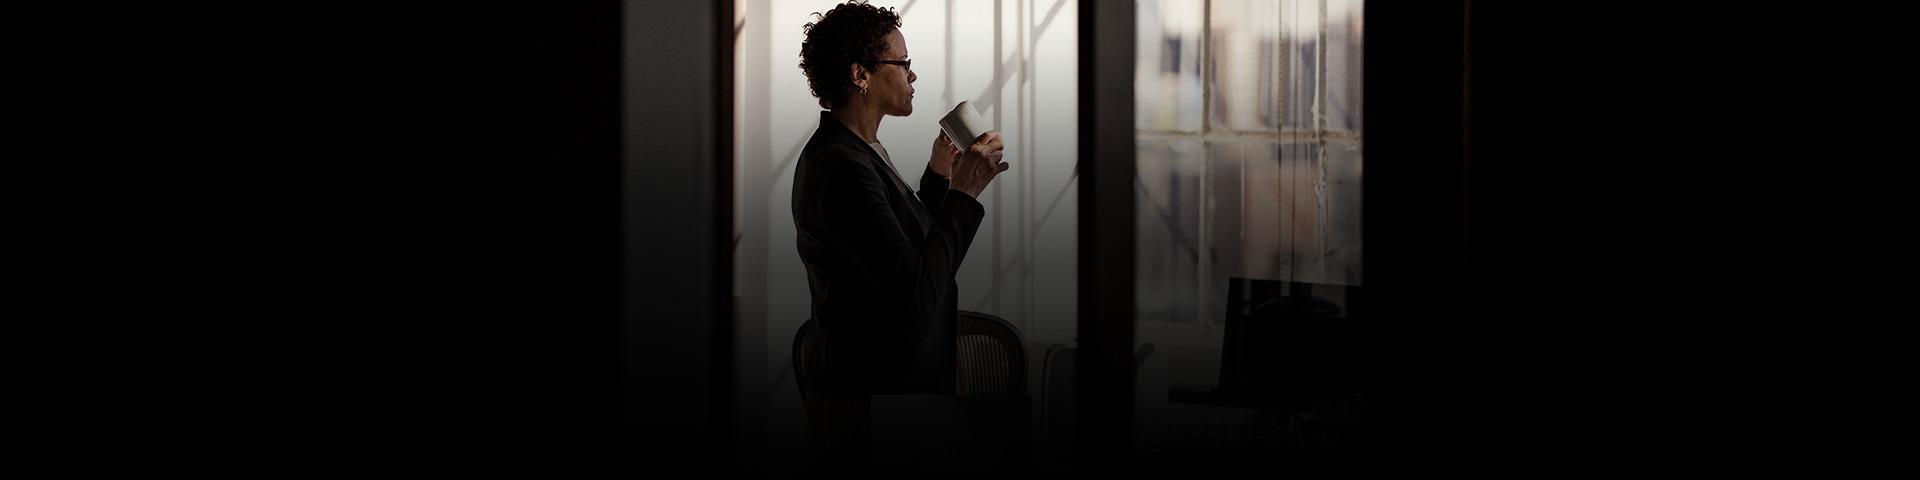 Une femme est debout près d'appareils se trouvant sur des bureaux